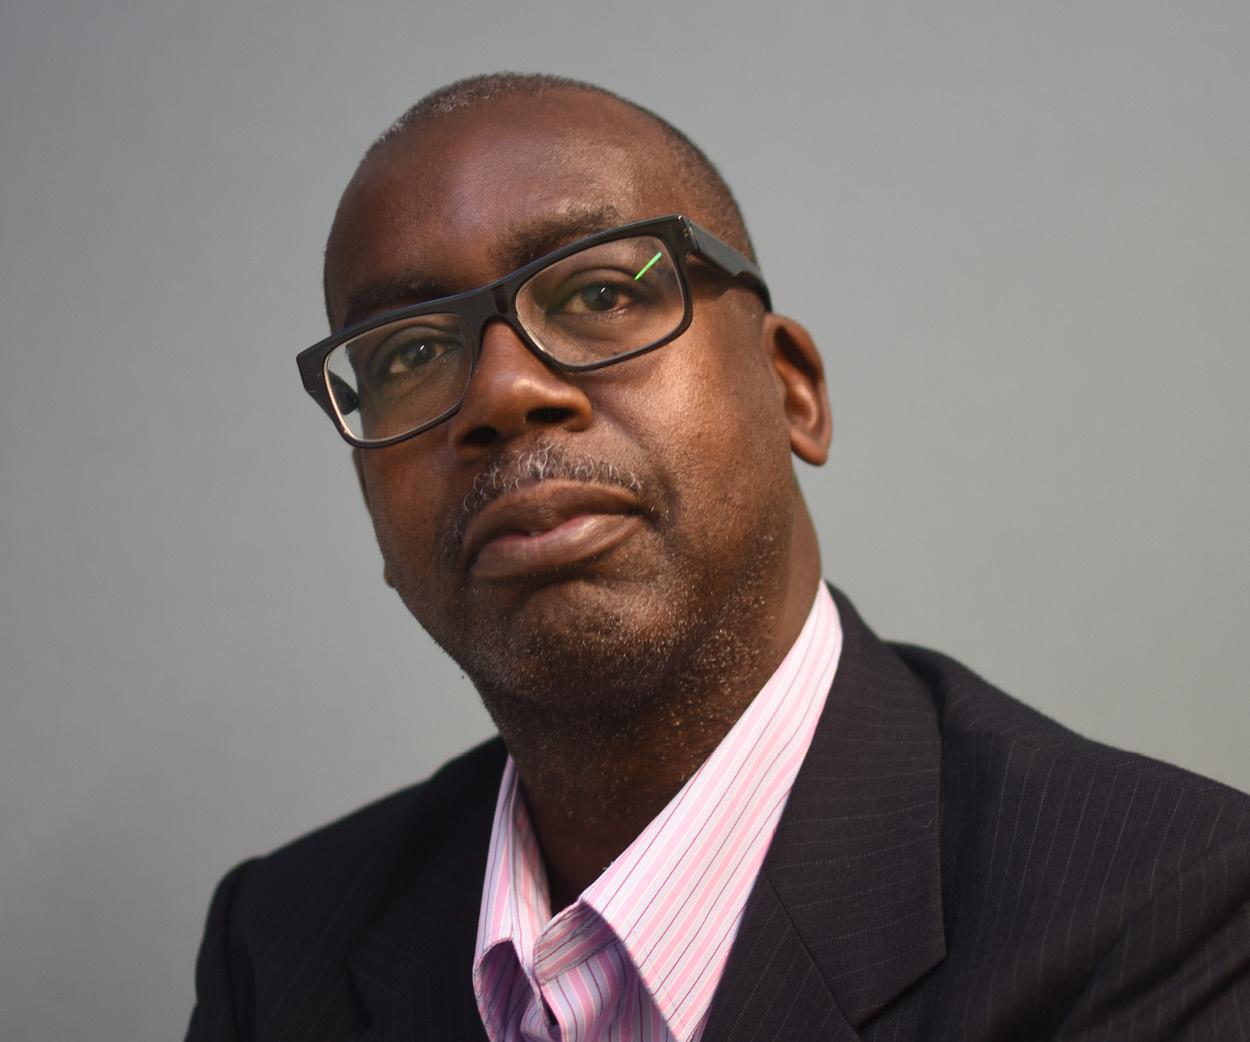 Patrick Vernon, Good Grief speaker